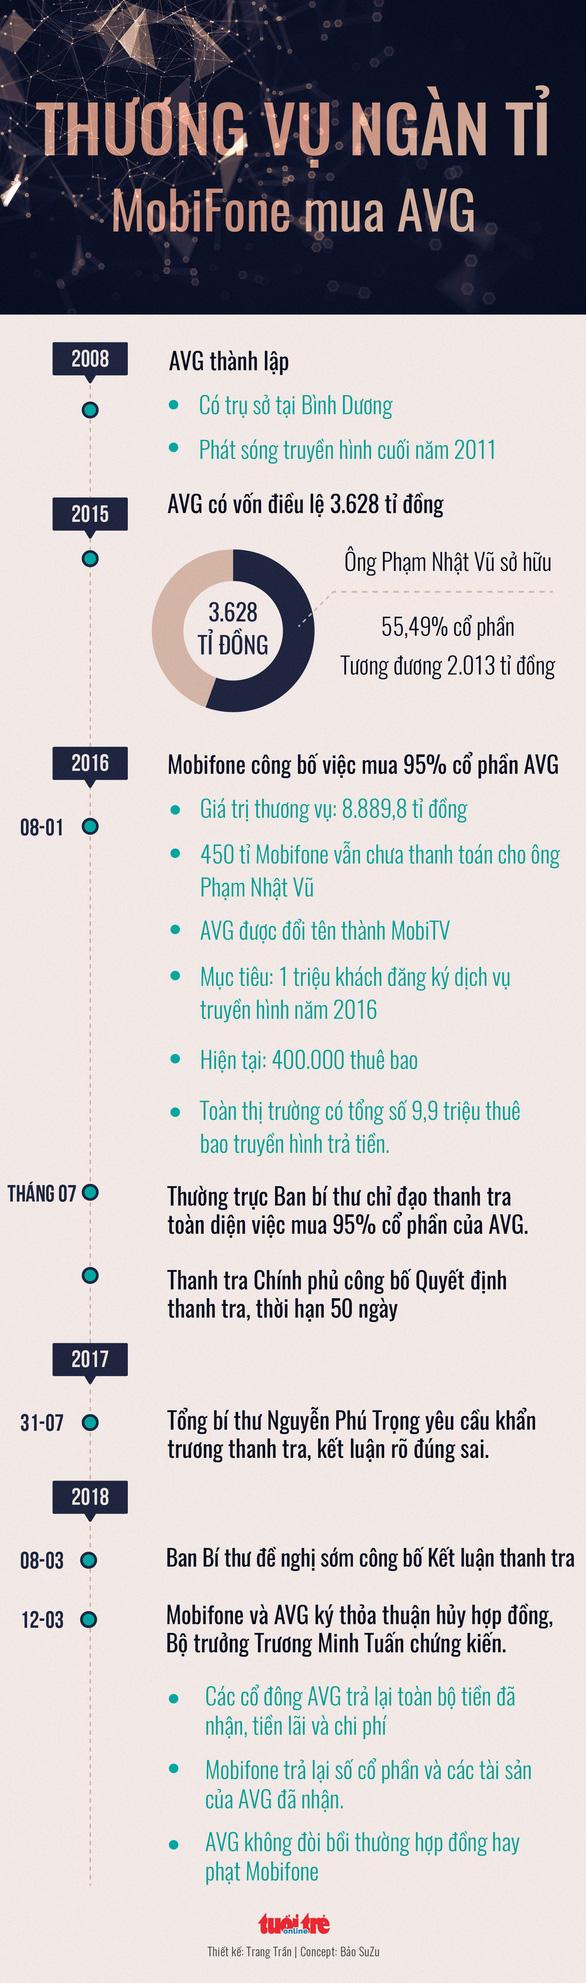 Thương vụ ngàn tỉ Mobifone mua AVG diễn ra như thế nào? - Ảnh 1.